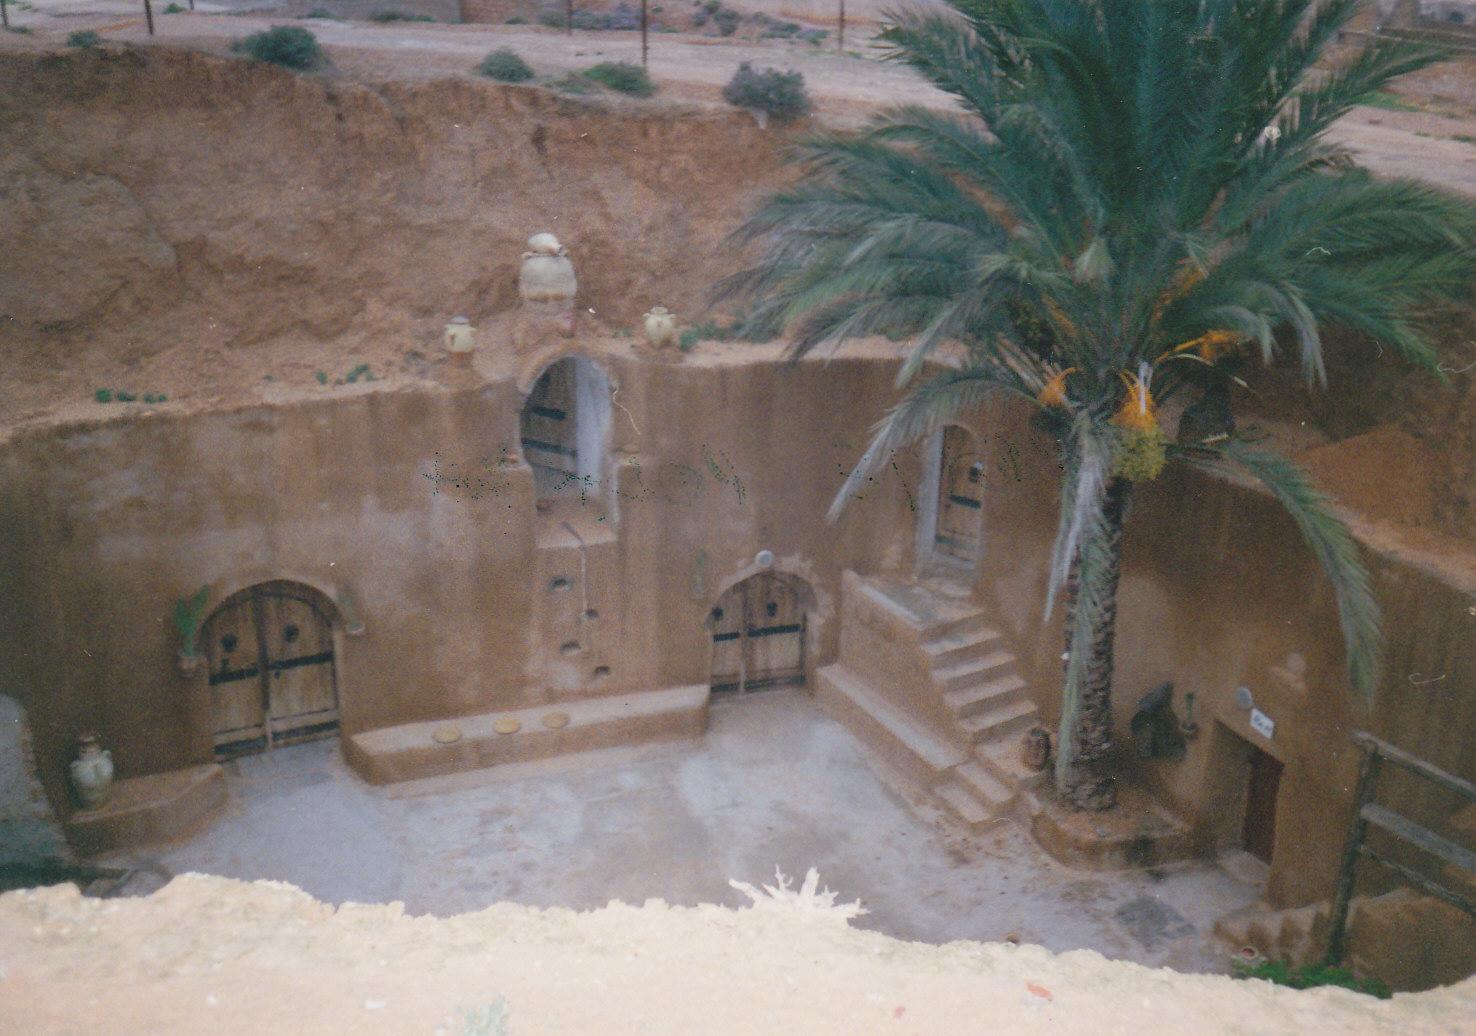 Trogloditska kuća